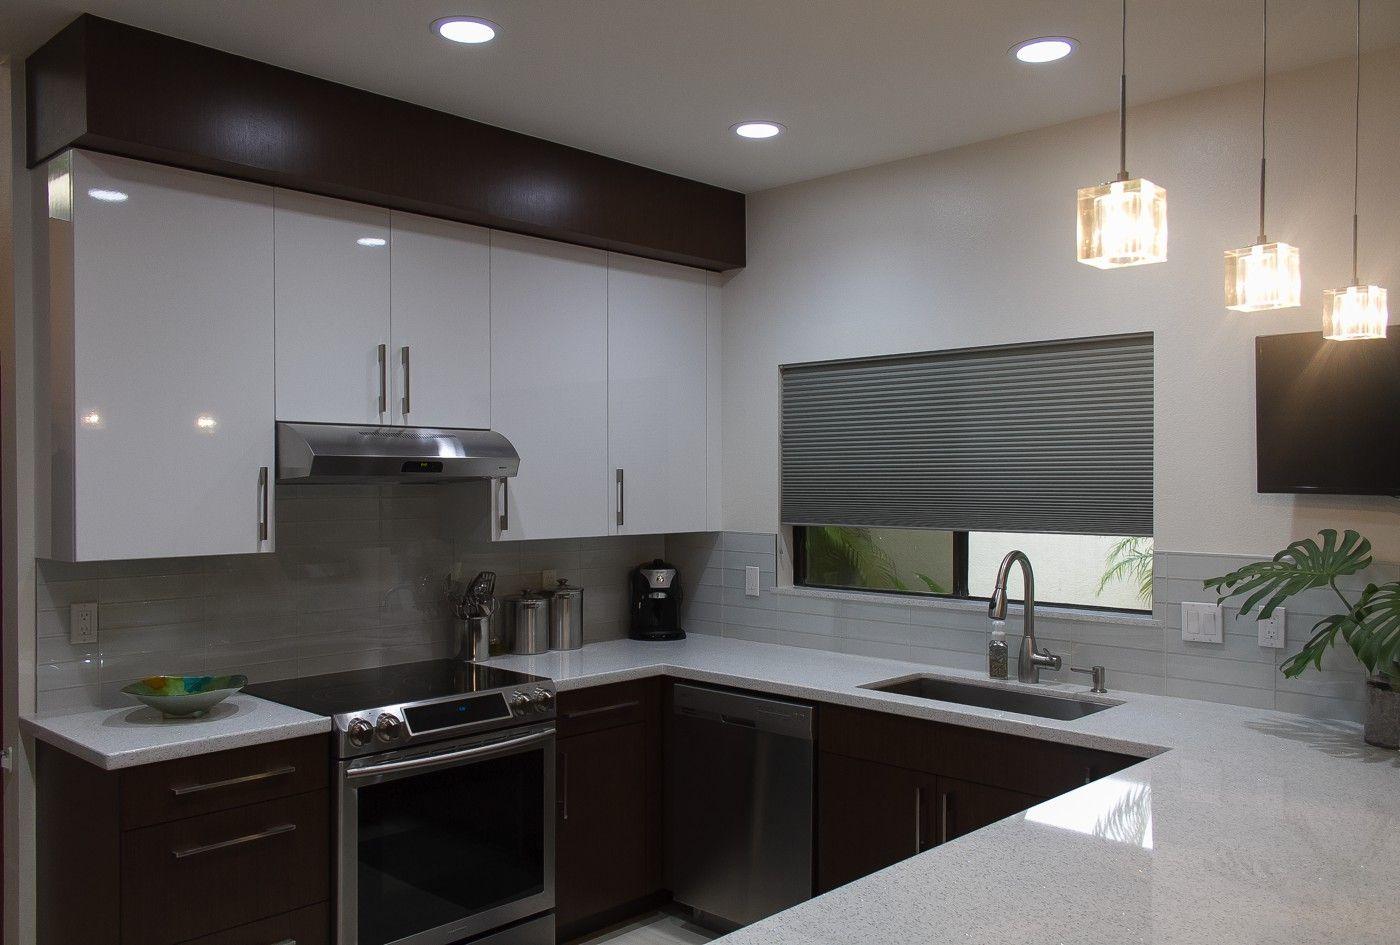 Modern Kitchen Design By Dtc Modern Kitchen Design Modern Kitchen Kitchen Design